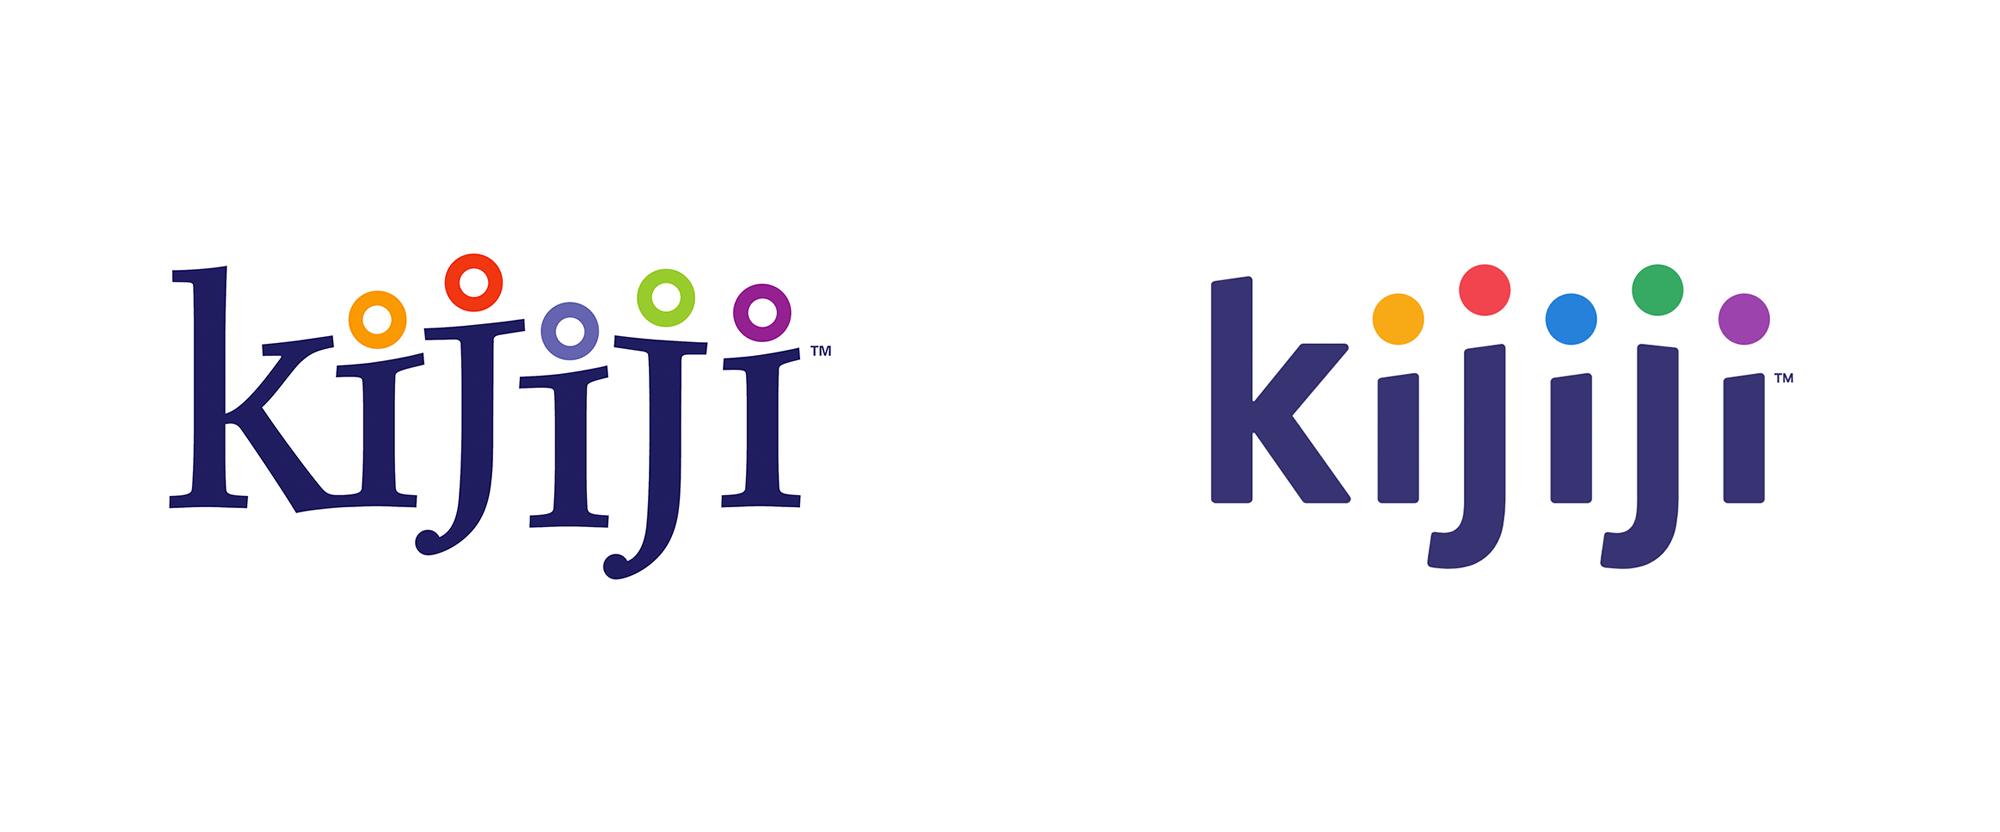 New Logo for Kijiji